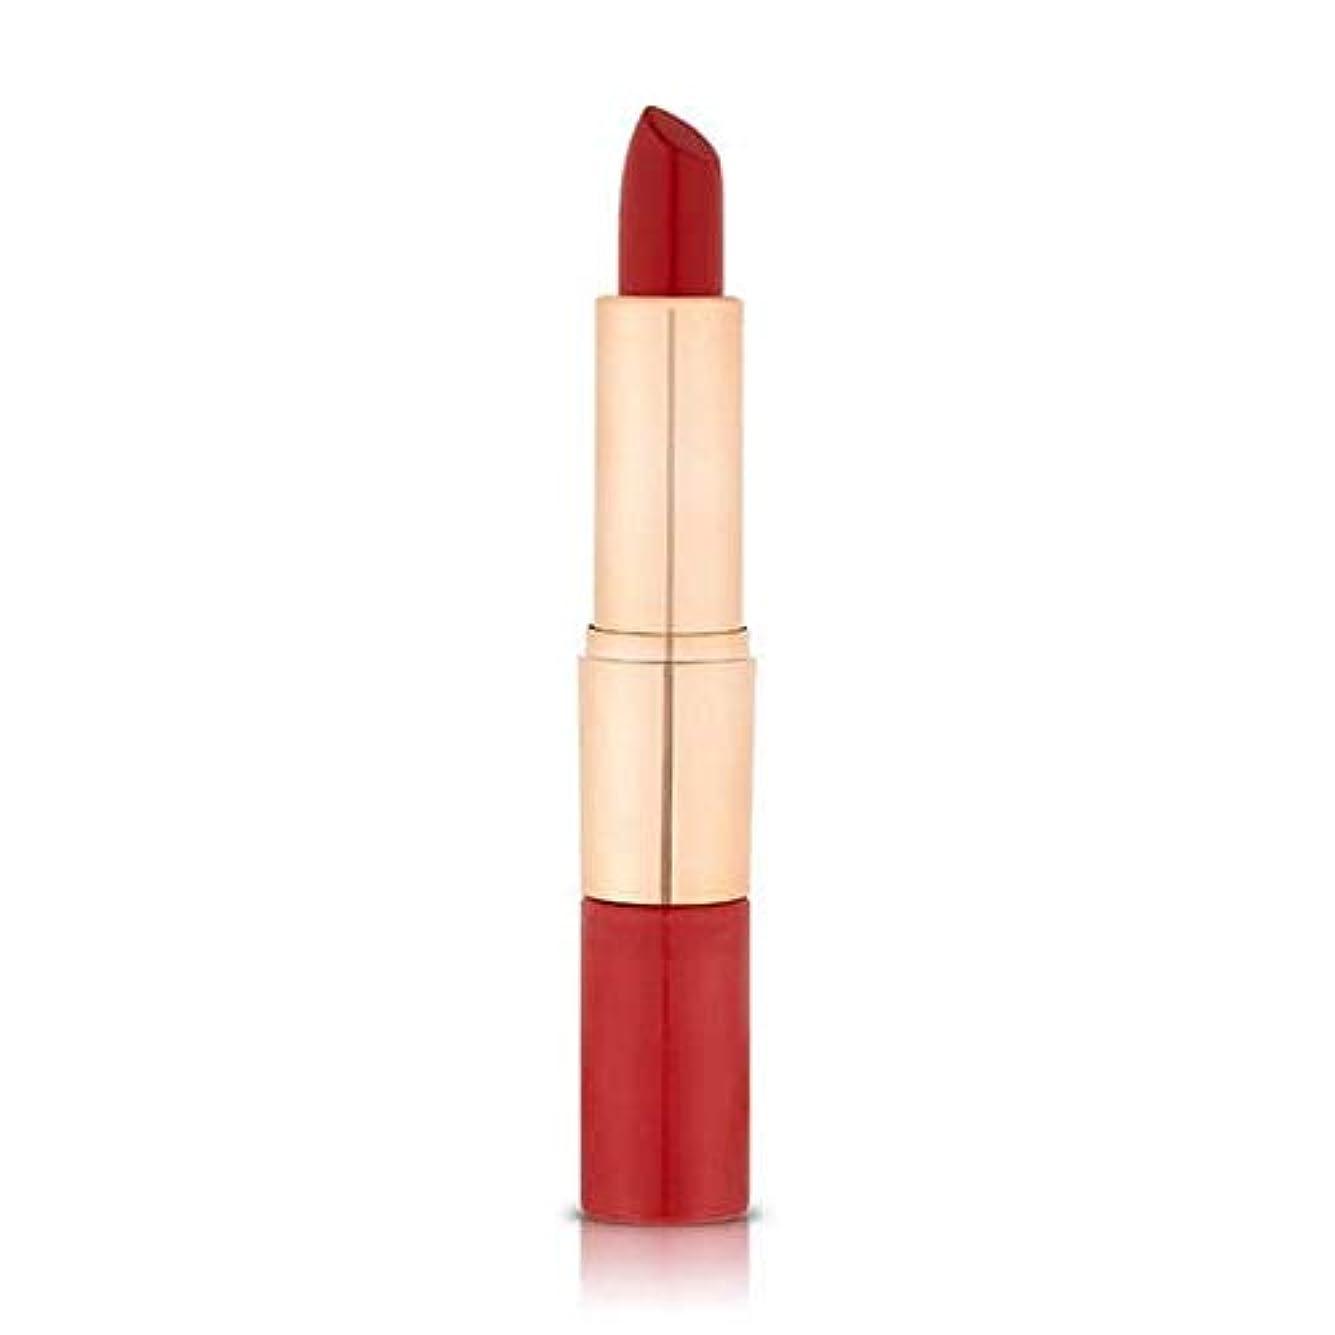 降ろす粘着性奇跡[Flower Beauty ] 花の美しさのミックスN」はマットリップスティックデュオ赤いベルベット690 - Flower Beauty Mix N' Matte Lipstick Duo Red Velvet 690...